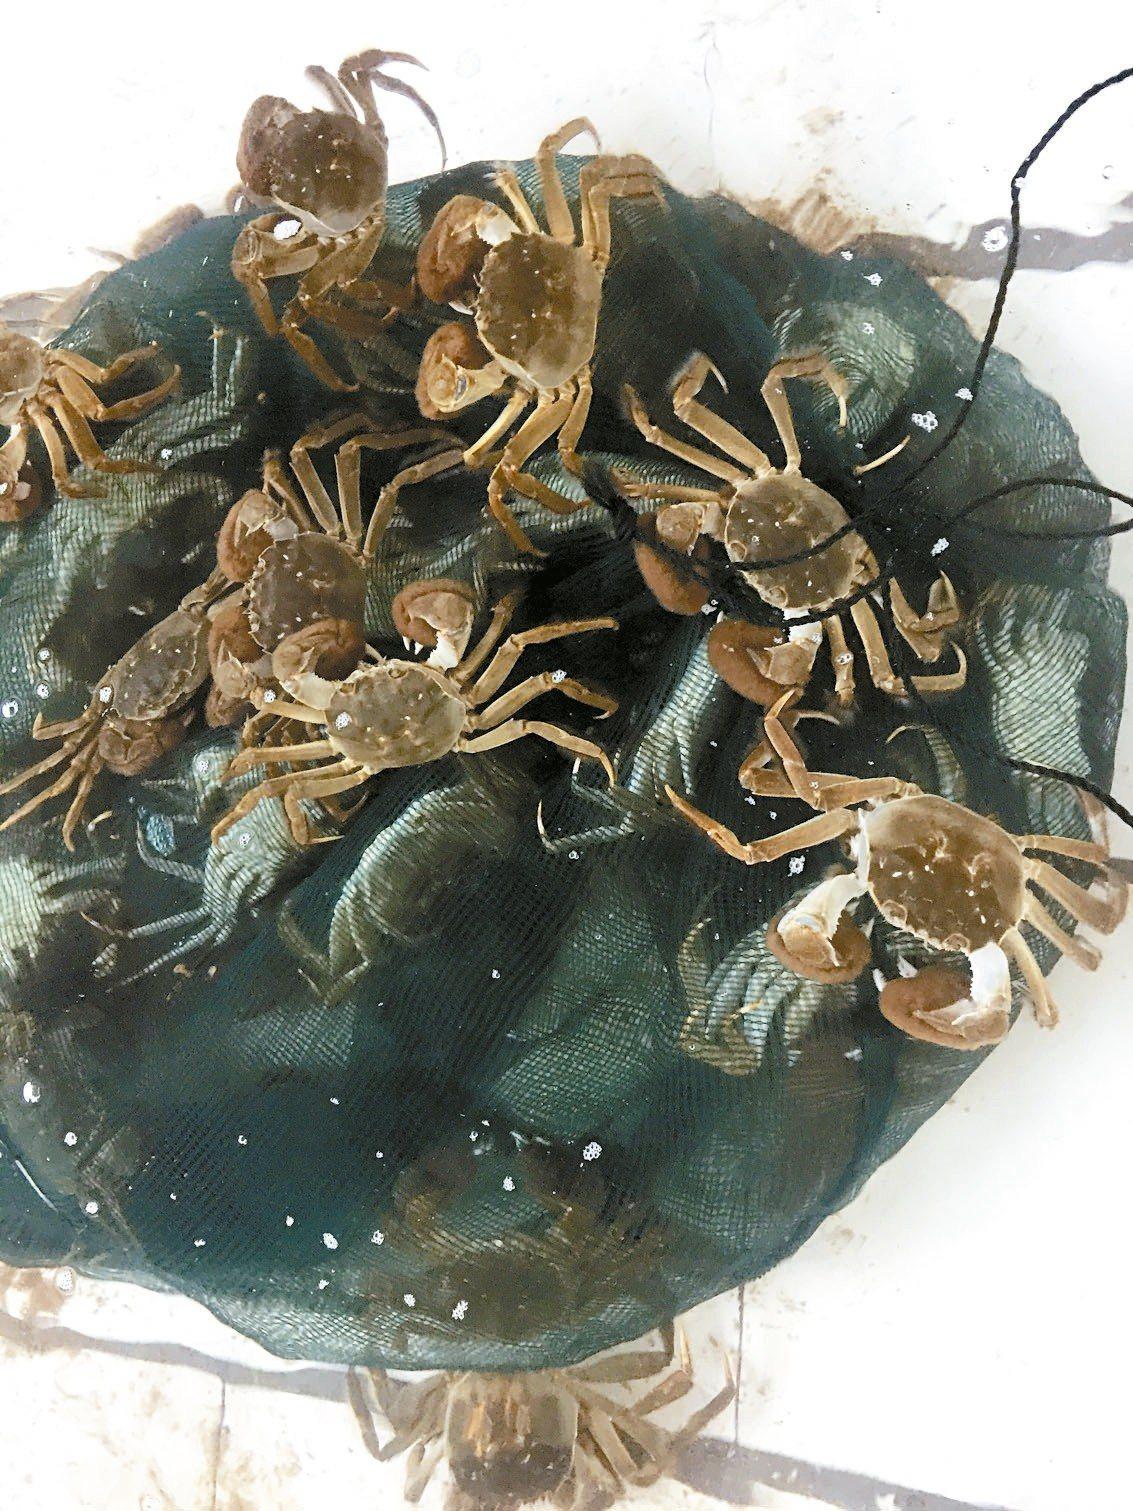 洪澤湖大閘蟹,被譽為「中國最乾淨的螃蟹」。 記者汪莉絹/攝影